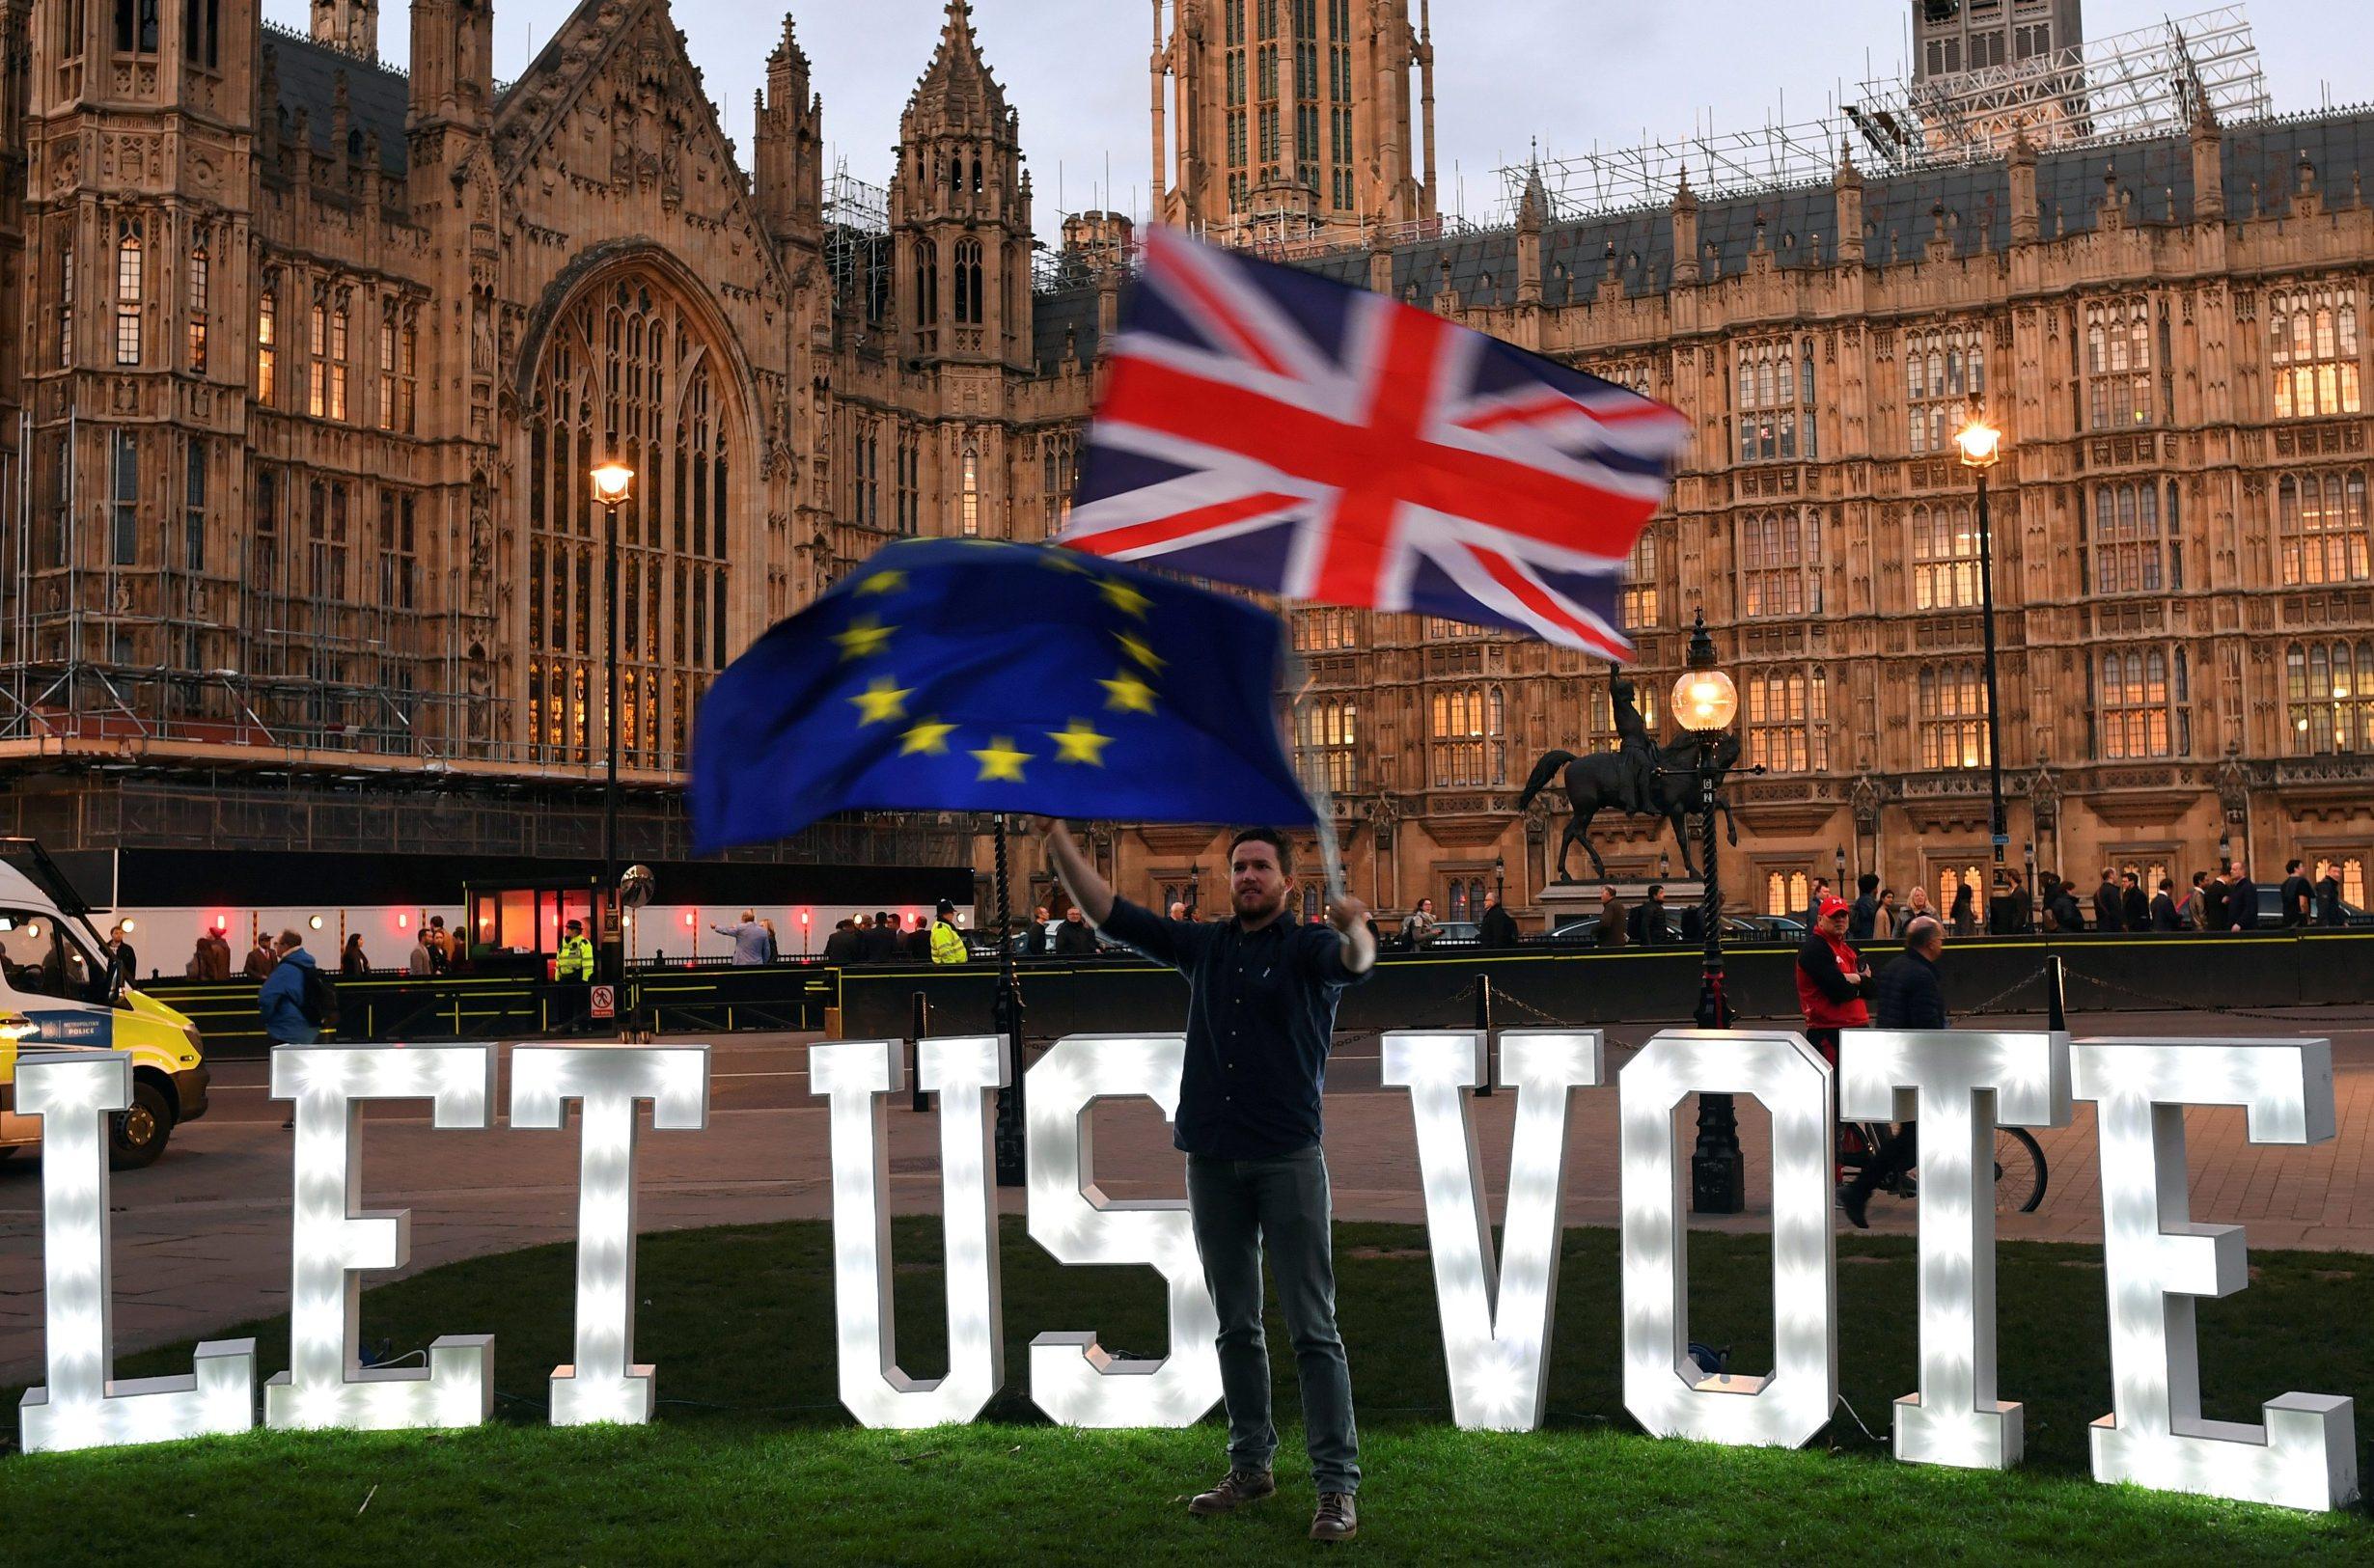 Prosvjed za opoziv Brexita ispred Donjeg doma parlamenta